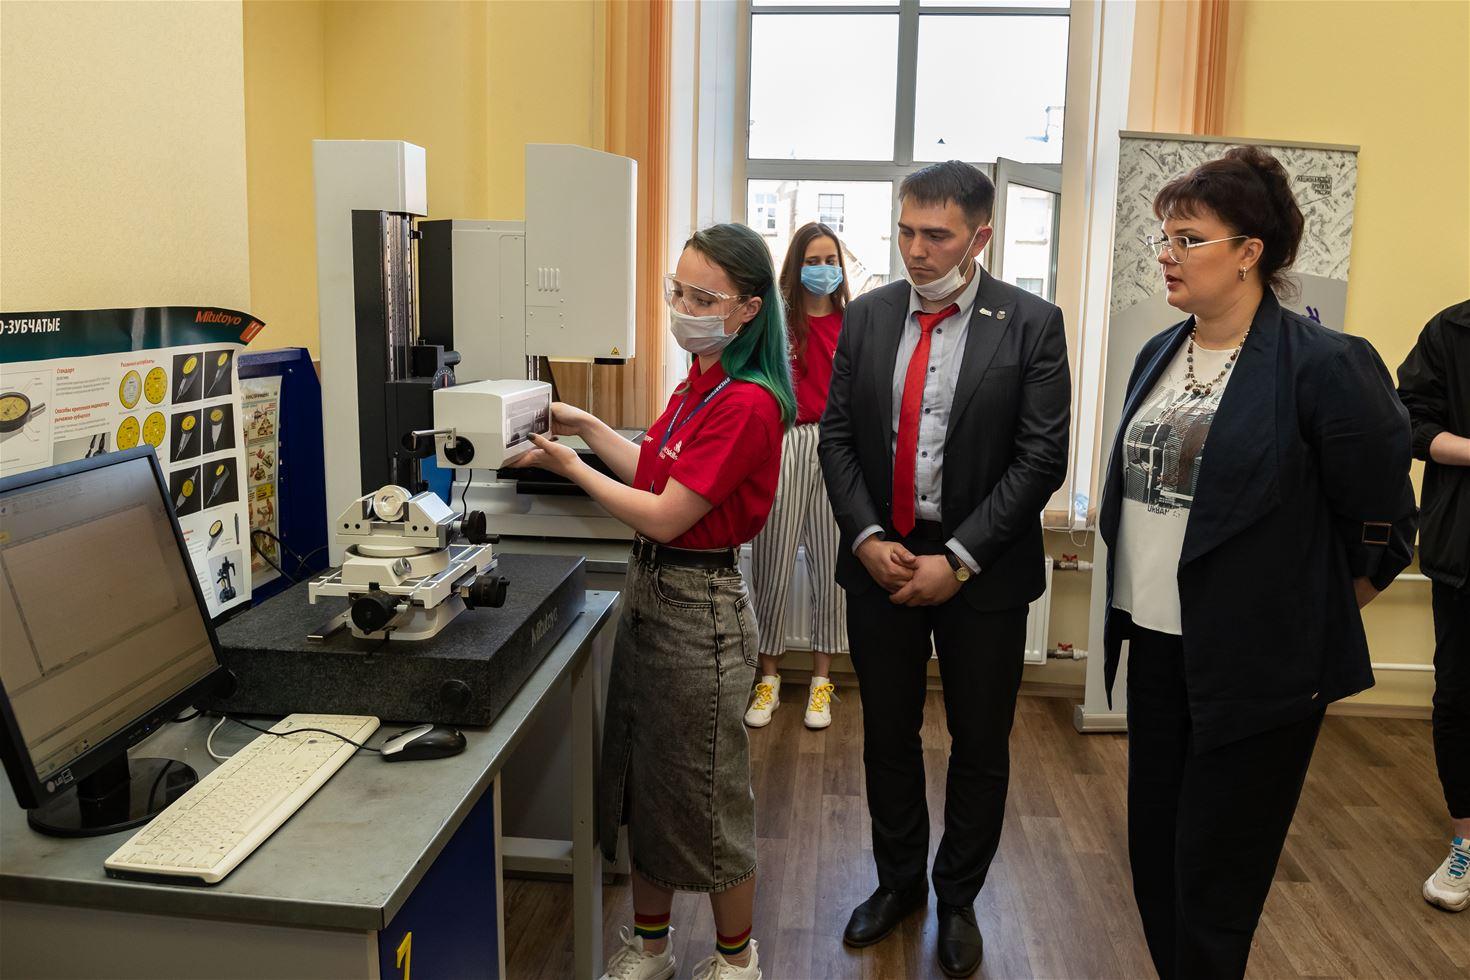 Ко дню метрологии в Санкт-Петербурге открыли инновационную лабораторию